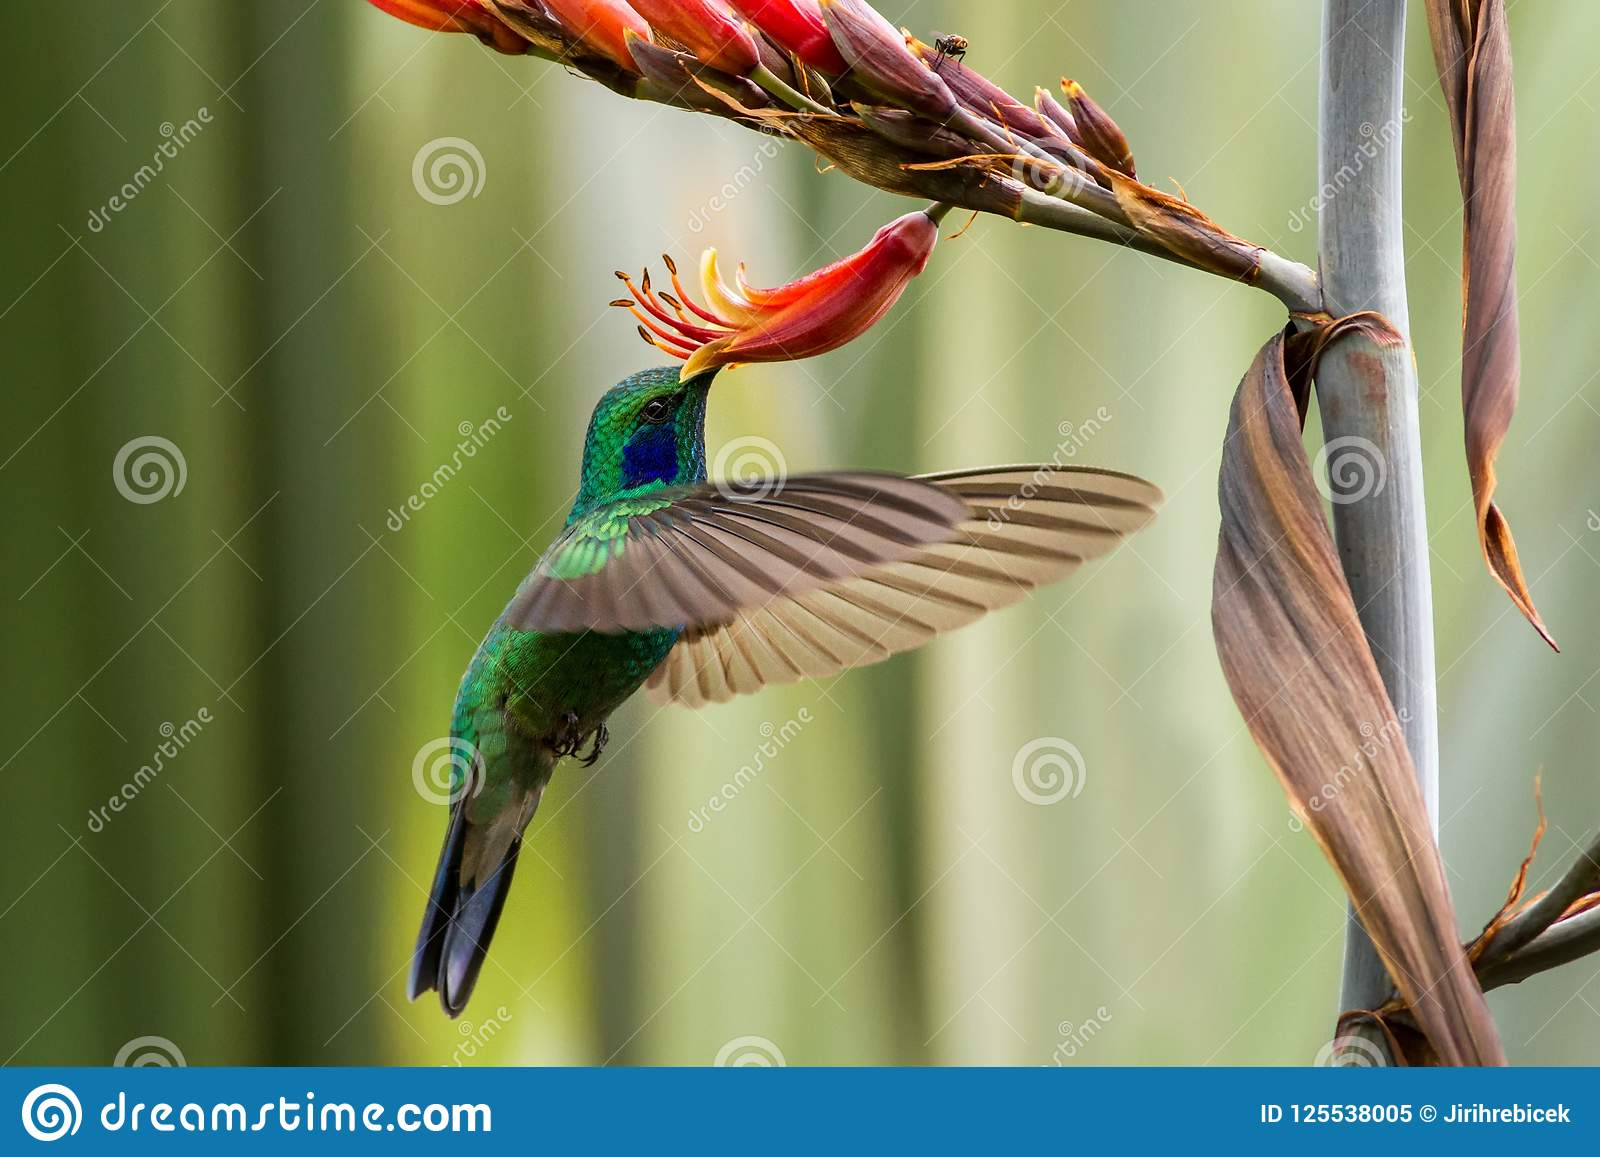 Violet-oreille verte planant à côté de la fleur rouge et jaune, oiseau en vol, forêt tropicale de montagne, Mexique, jardin